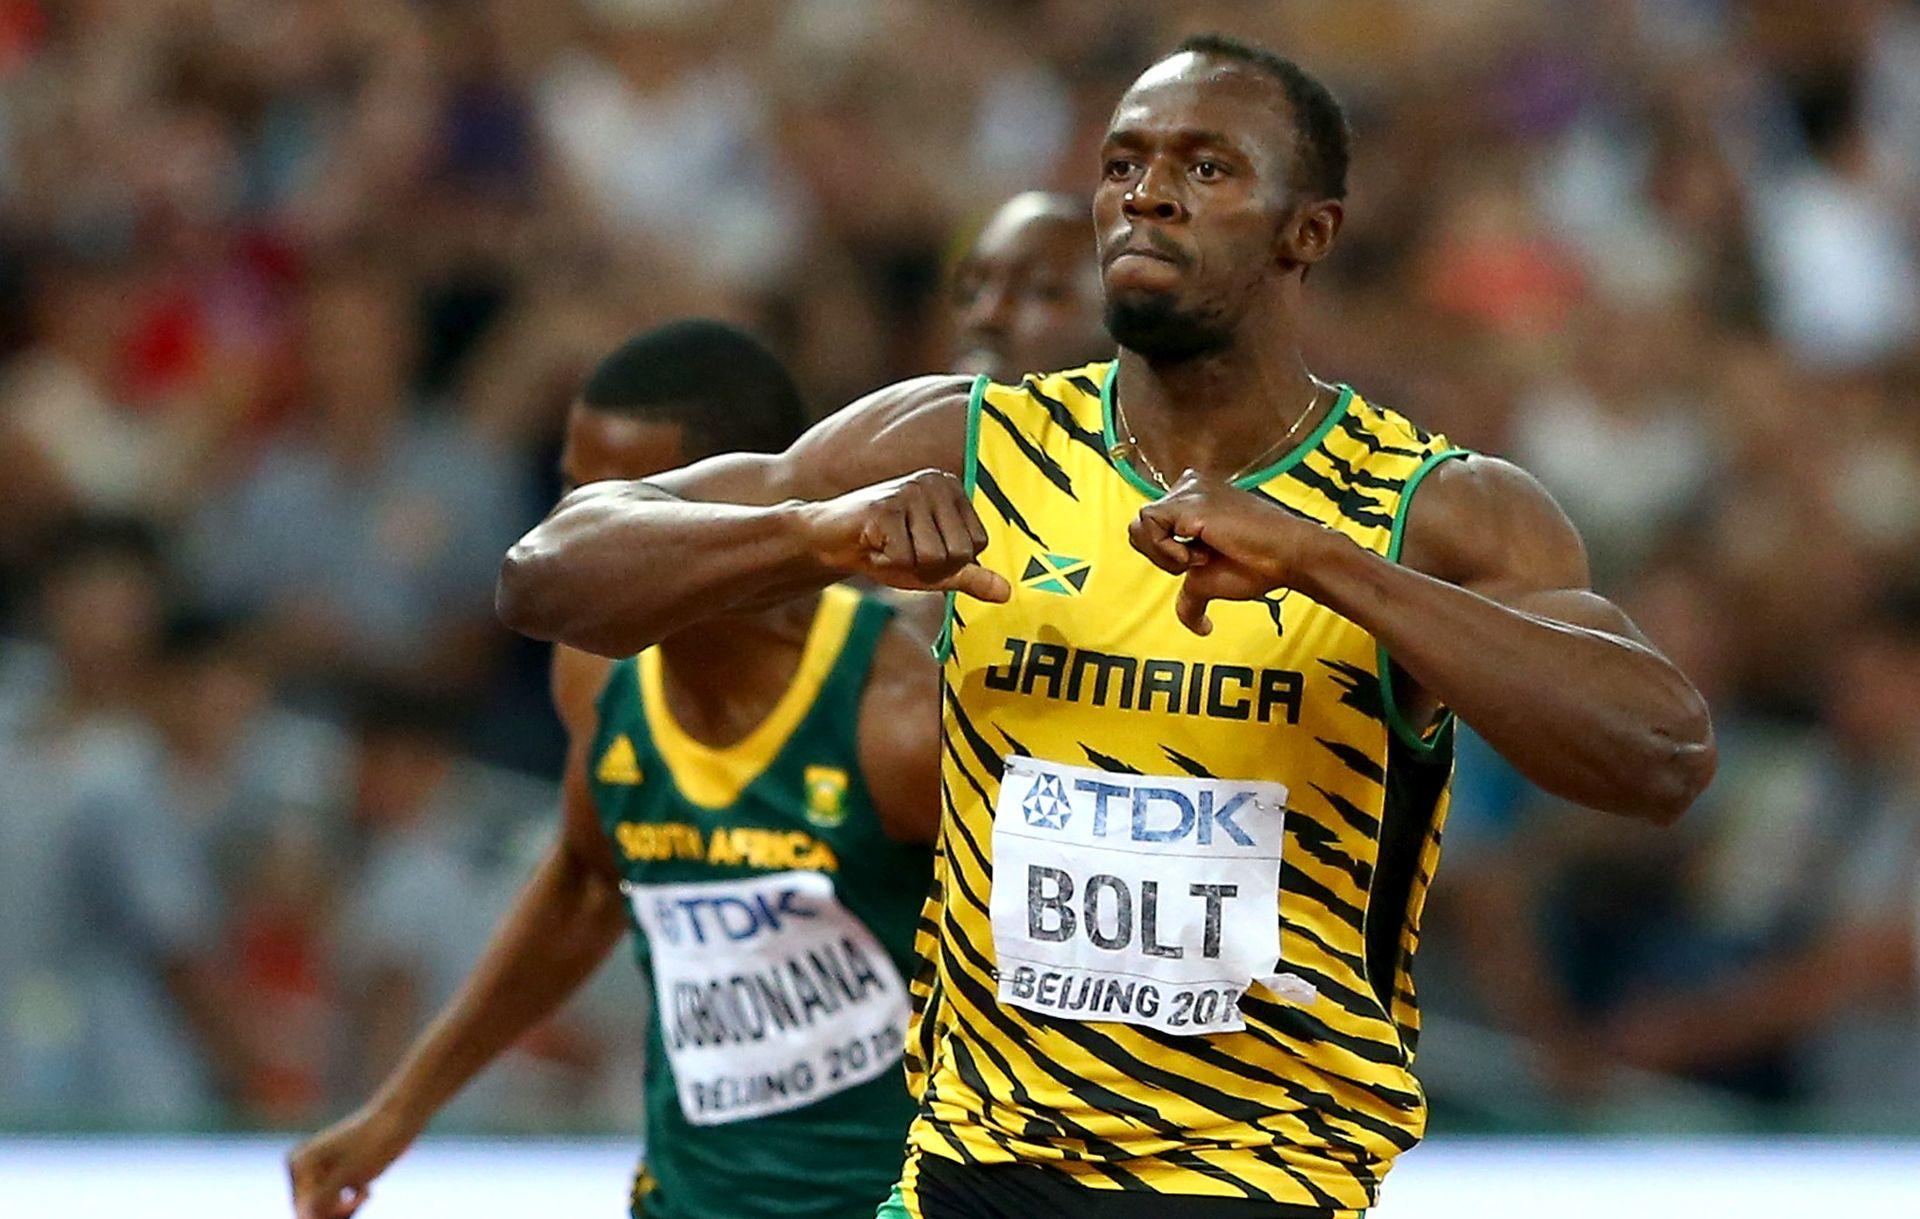 VIDEO: NEMA MU RAVNOG Boltu zlato i na 200 metara, na kraju ga 'pokosio' fotograf